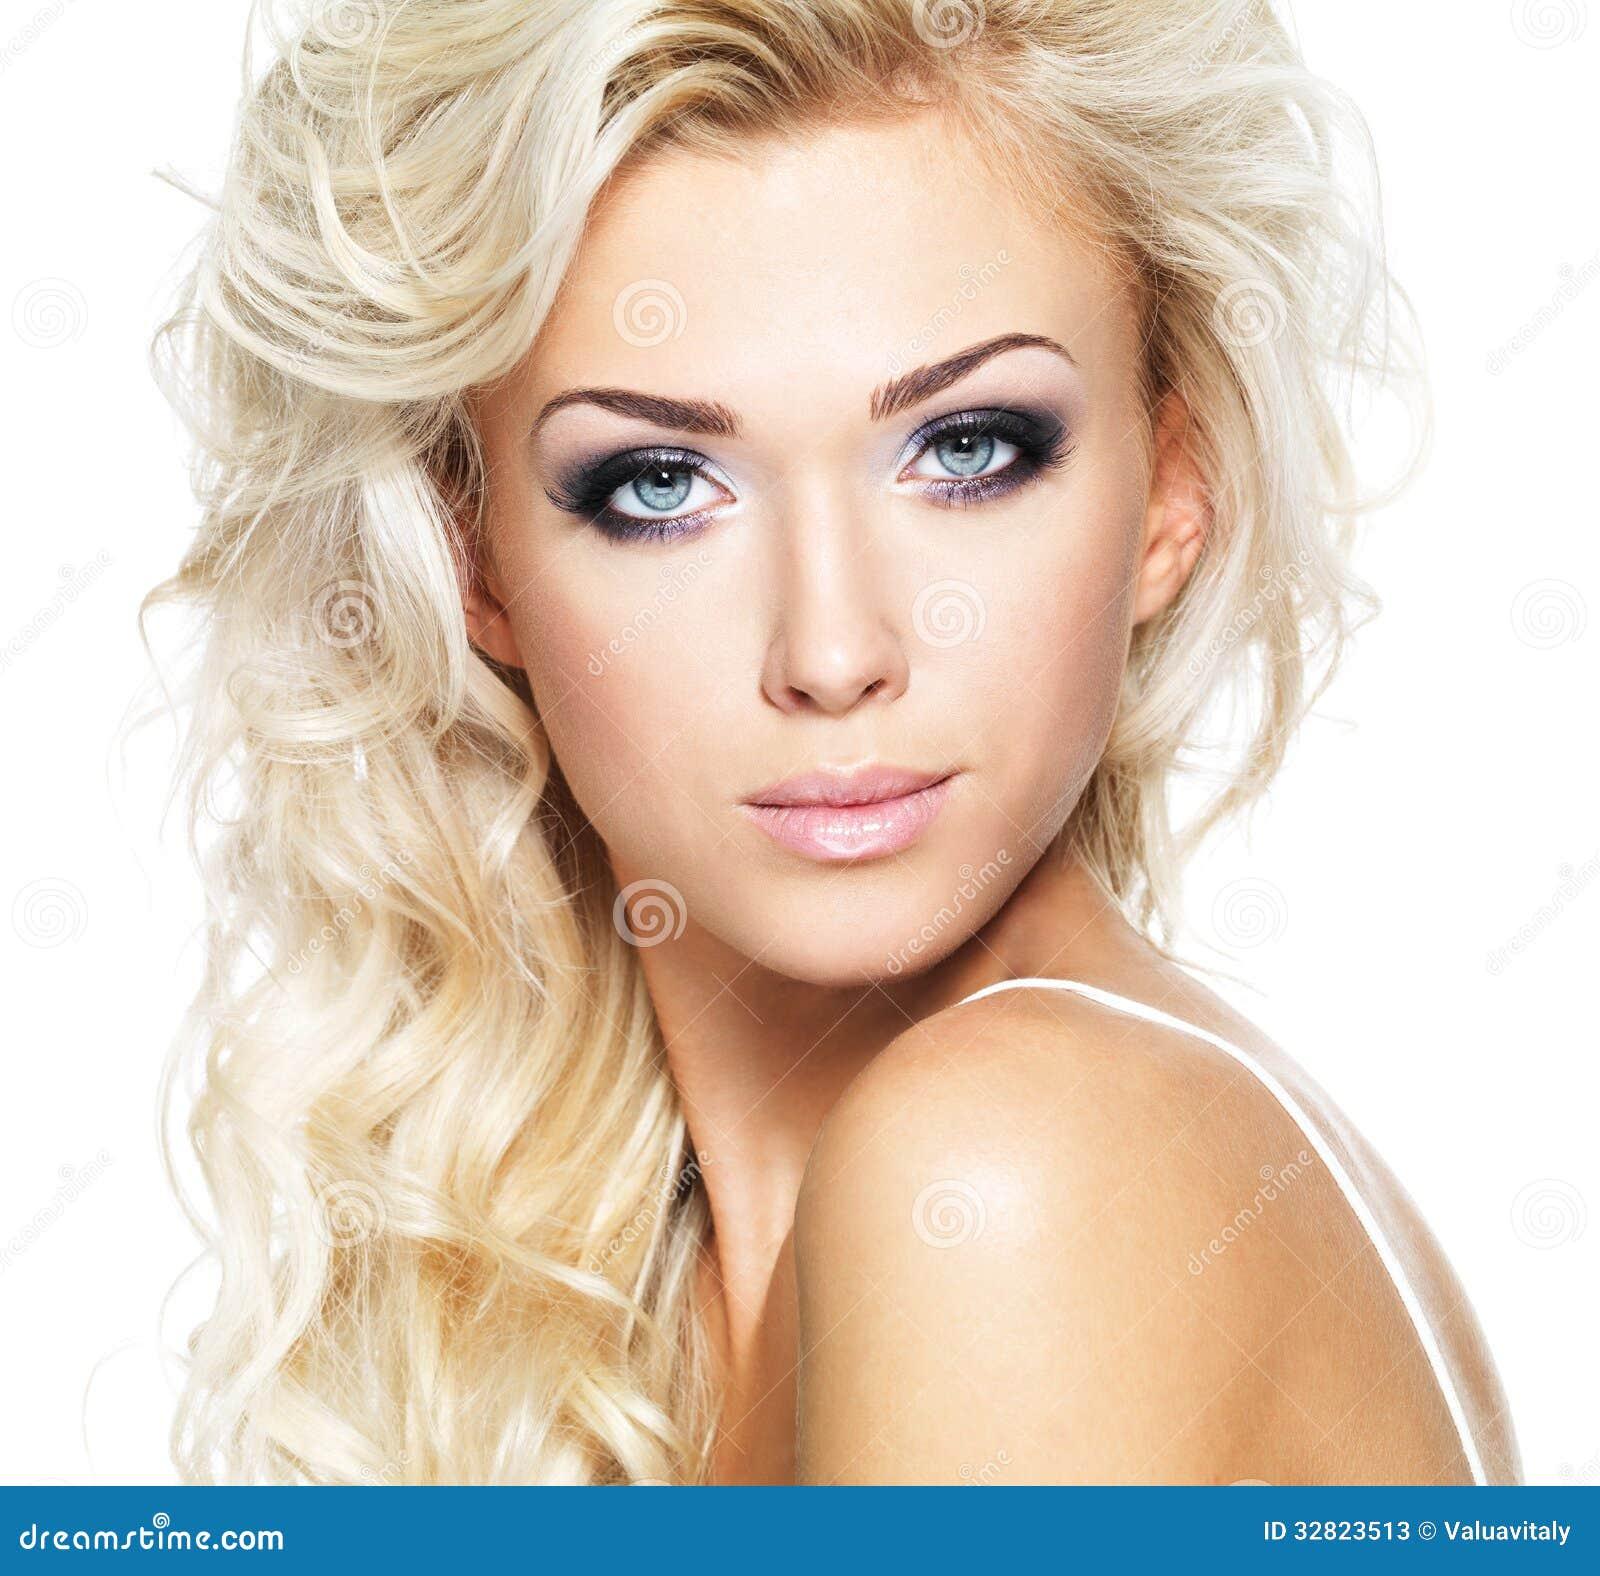 mujer-hermosa-con-el-pelo-rubio-largo-32